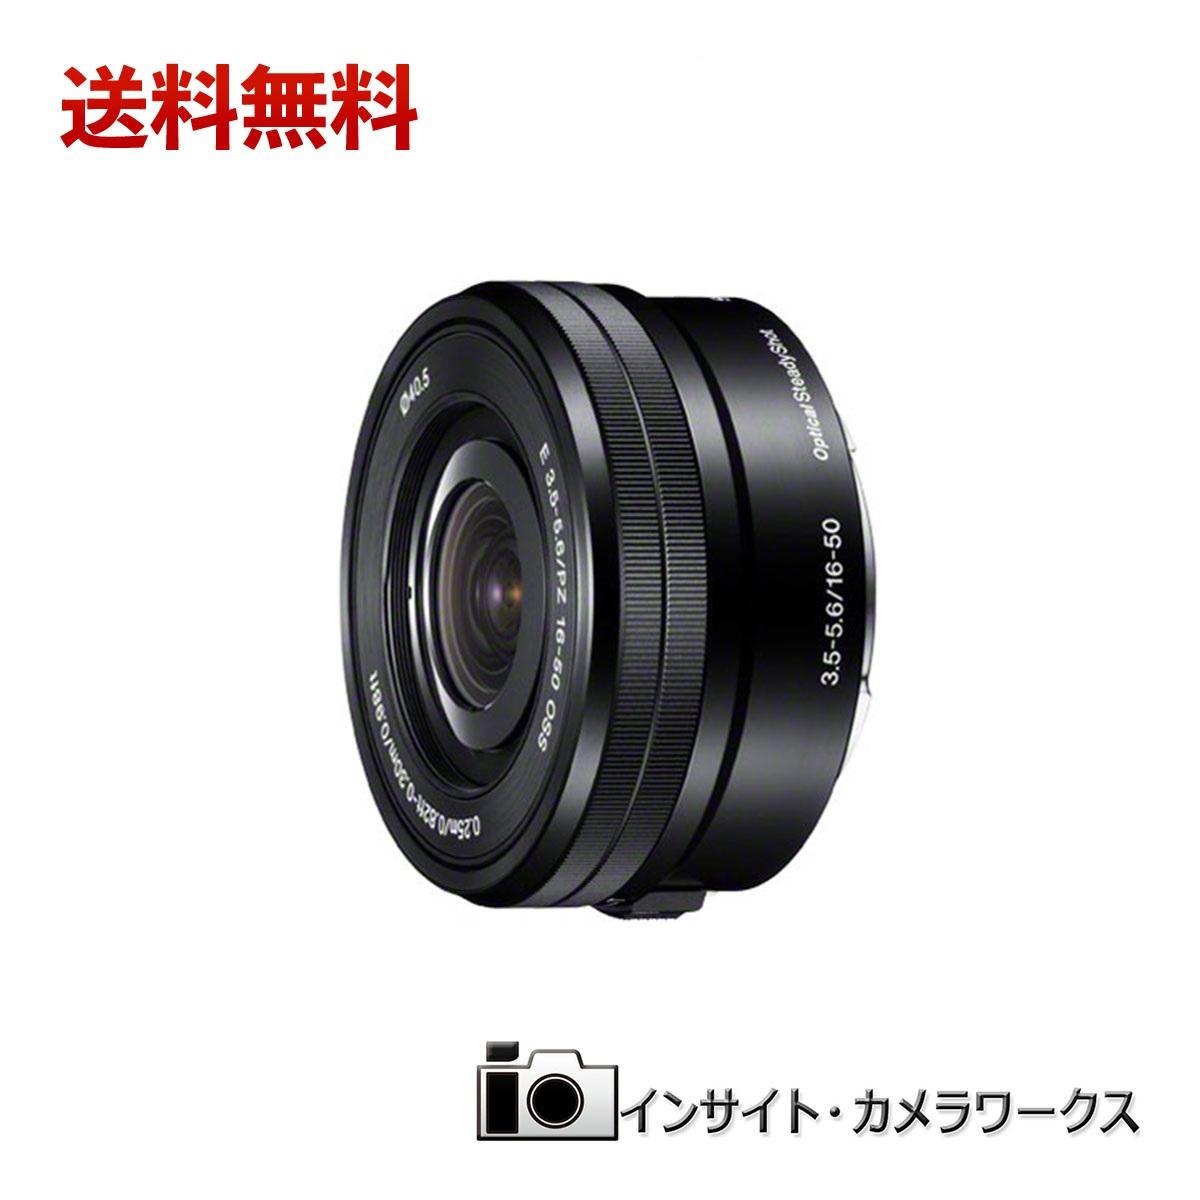 【特別価格】SONY 標準ズームレンズ E PZ 16-50mm F3.5-5.6 OSS SELP1650 ブラック ソニー